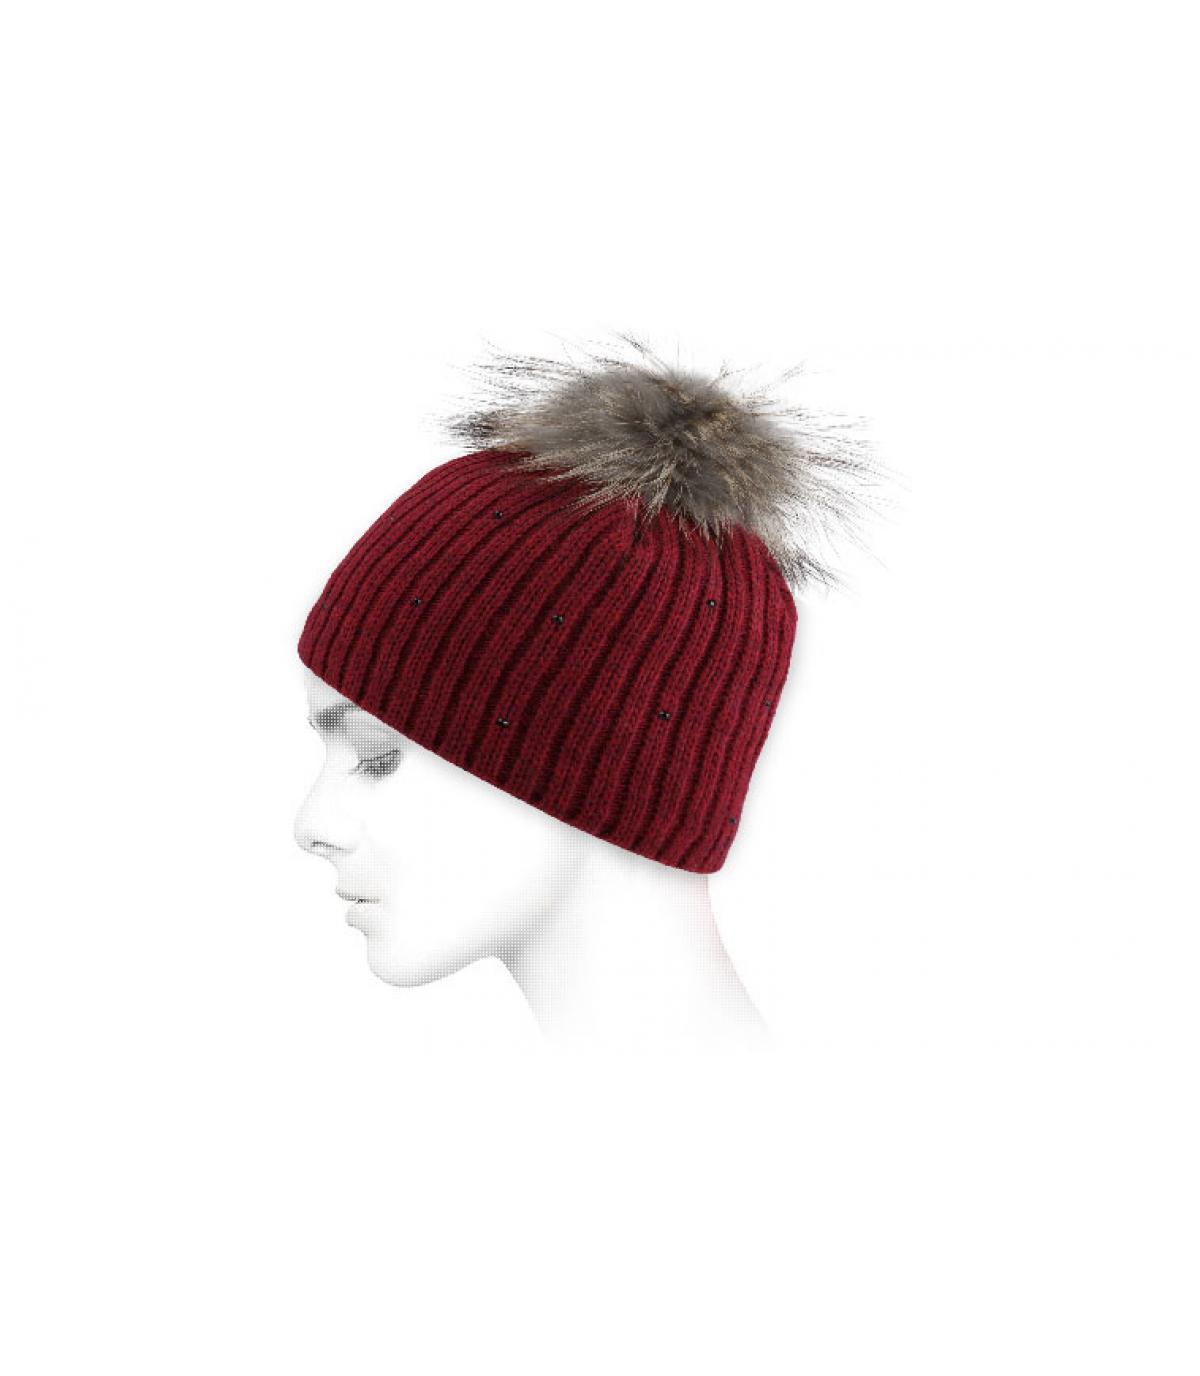 Mütze Bommelmütze rot Pelzbommel